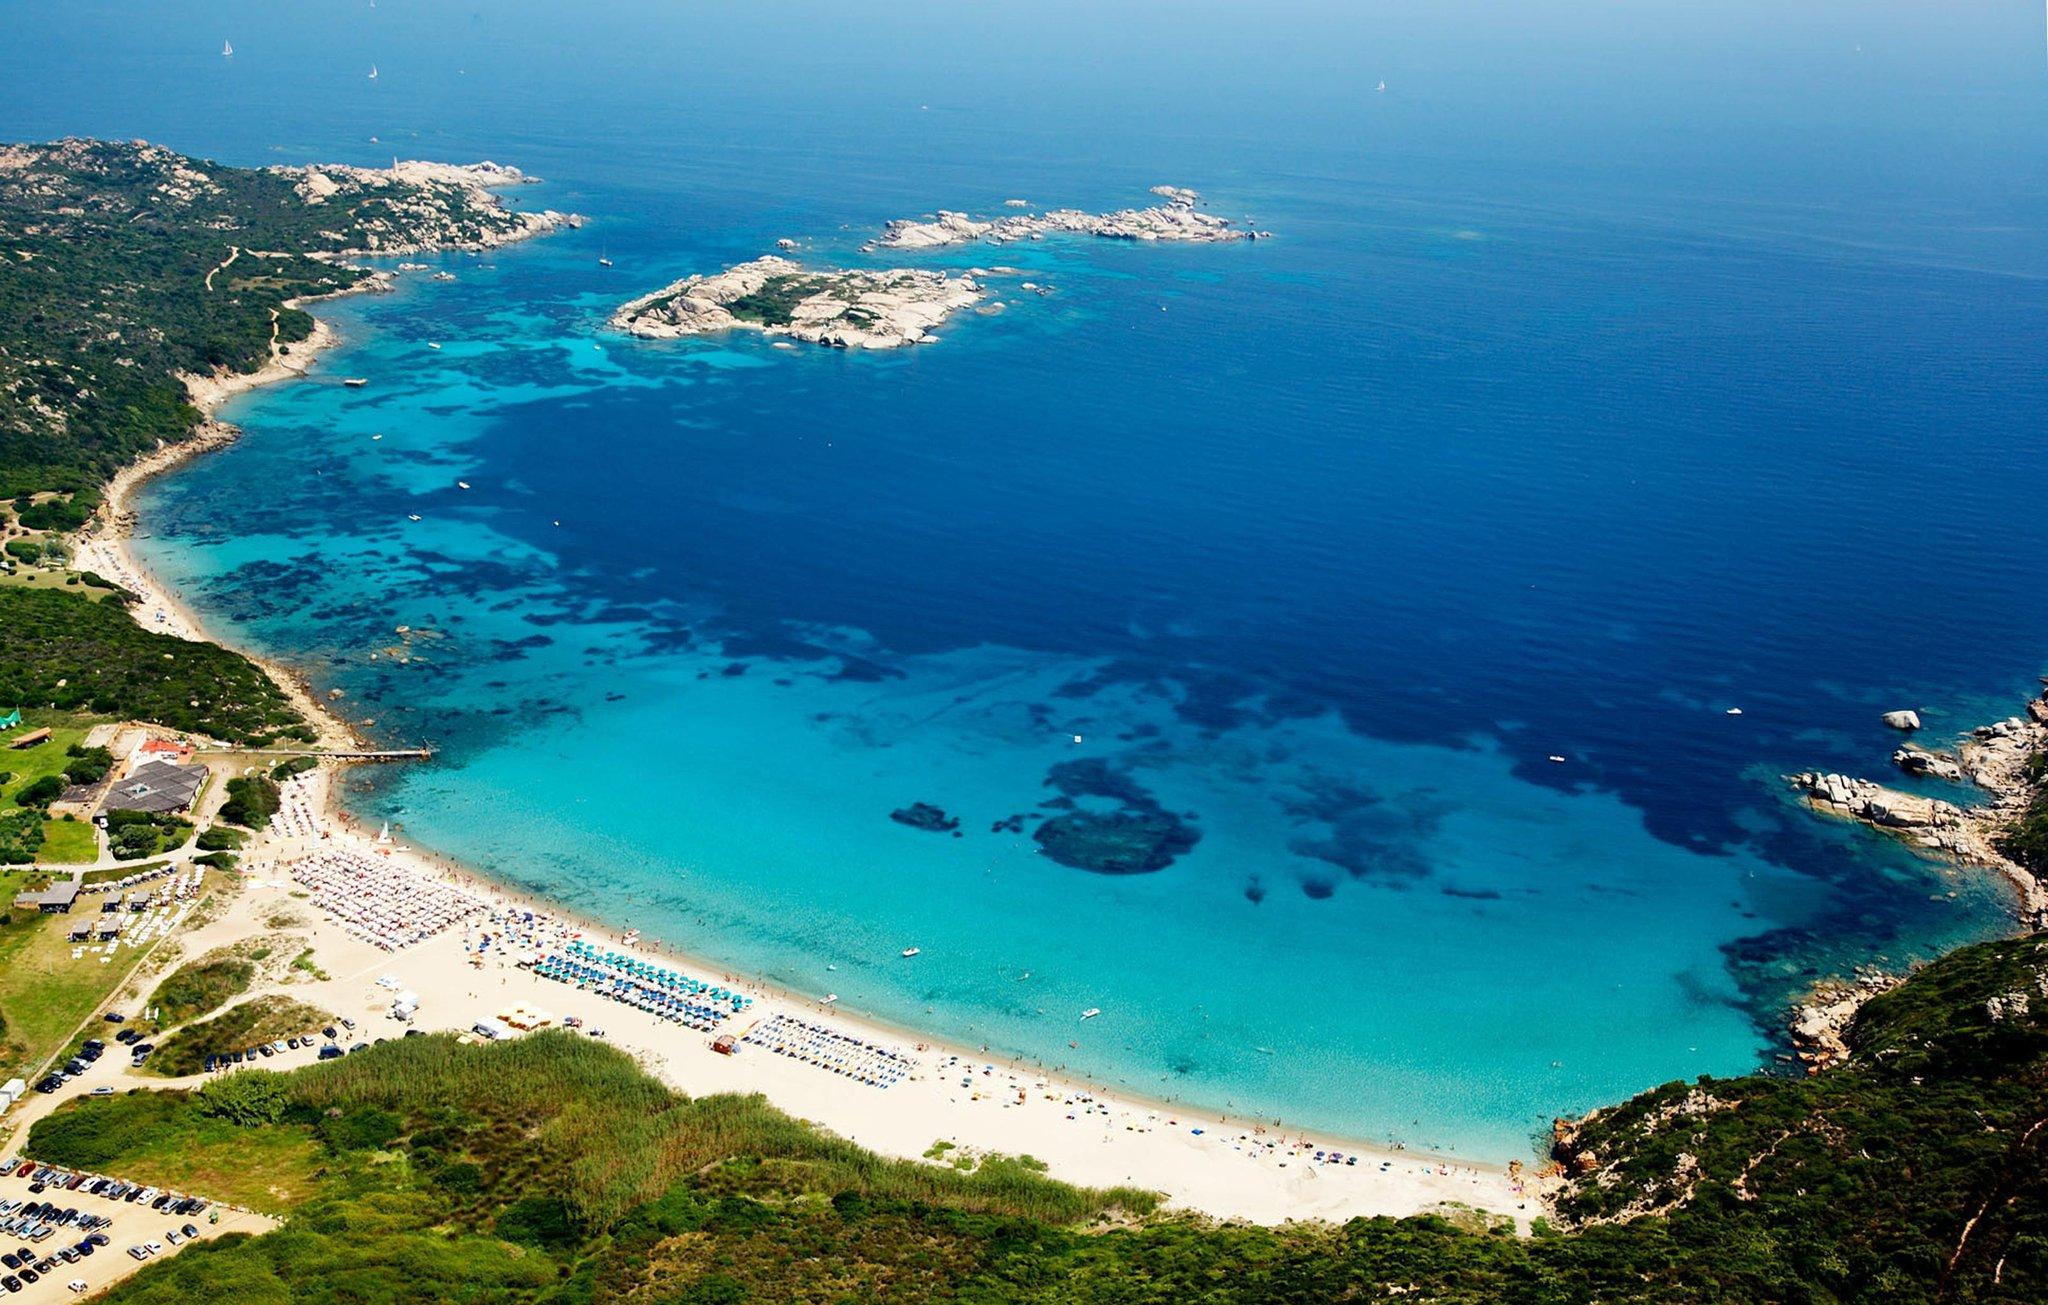 Case vacanze in sardegna offerte scontate home page for Appartamenti vacanze budoni sardegna